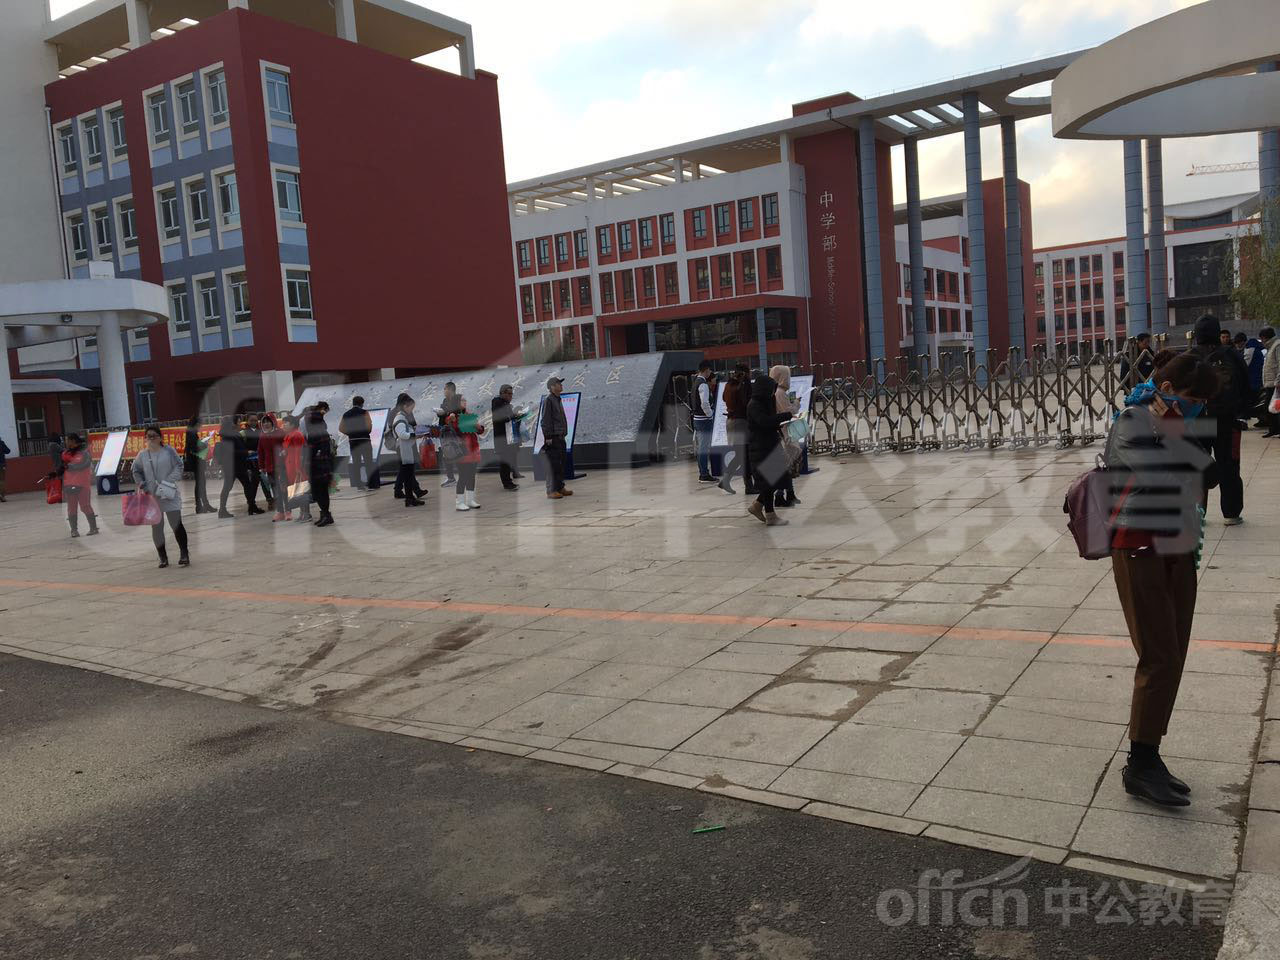 长春汽车经济技术开发区长沈学校